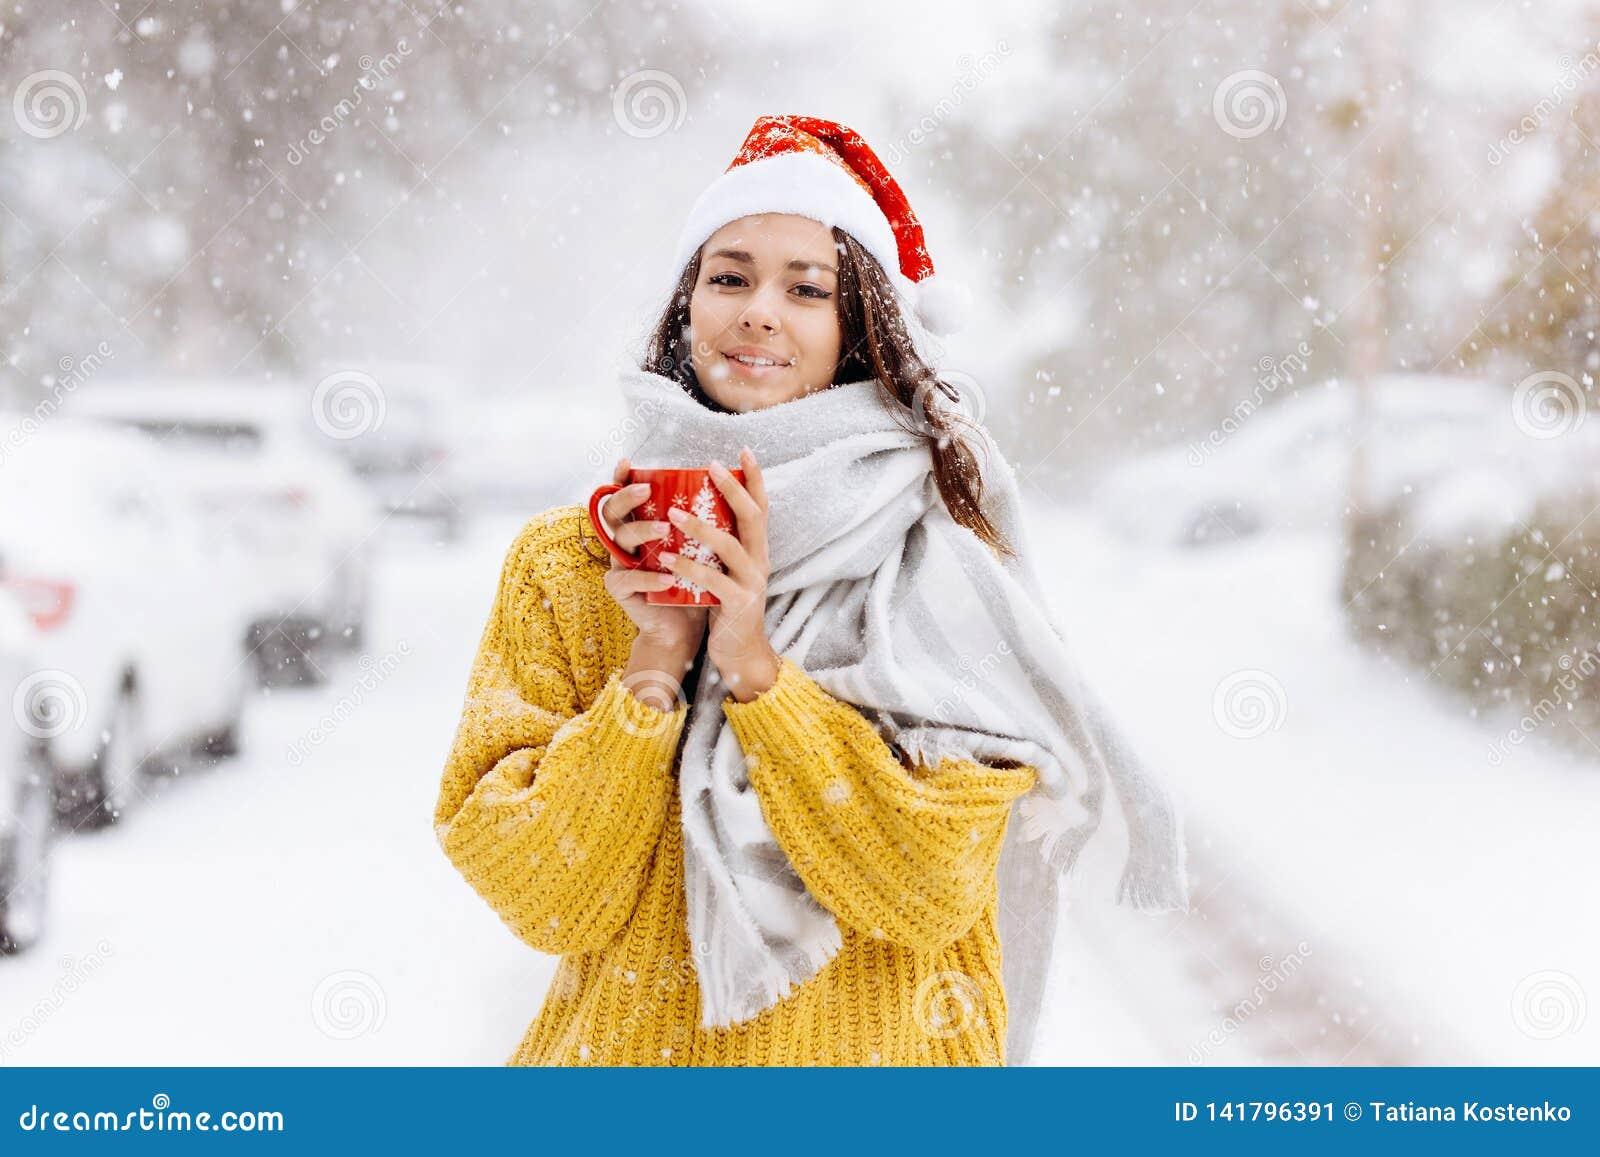 Красивая темн-с волосами девушка в желтом свитере, белый шарф в шляпе Санта Клауса стоит с красной кружкой на снежном